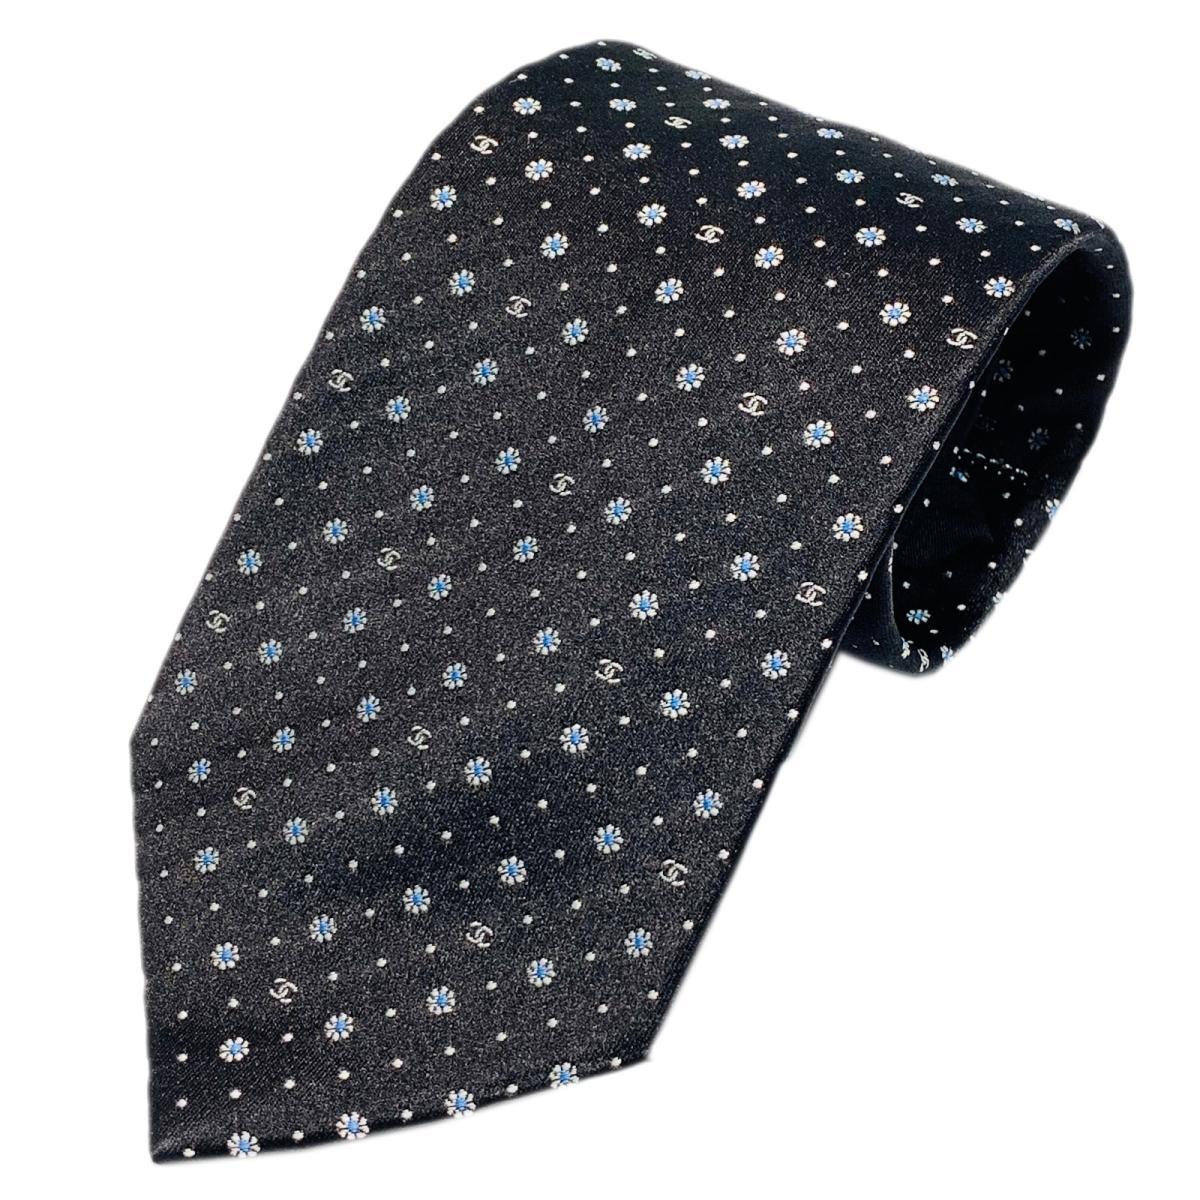 スーツ用ファッション小物, ネクタイ GET CHANEL BRANDOFF